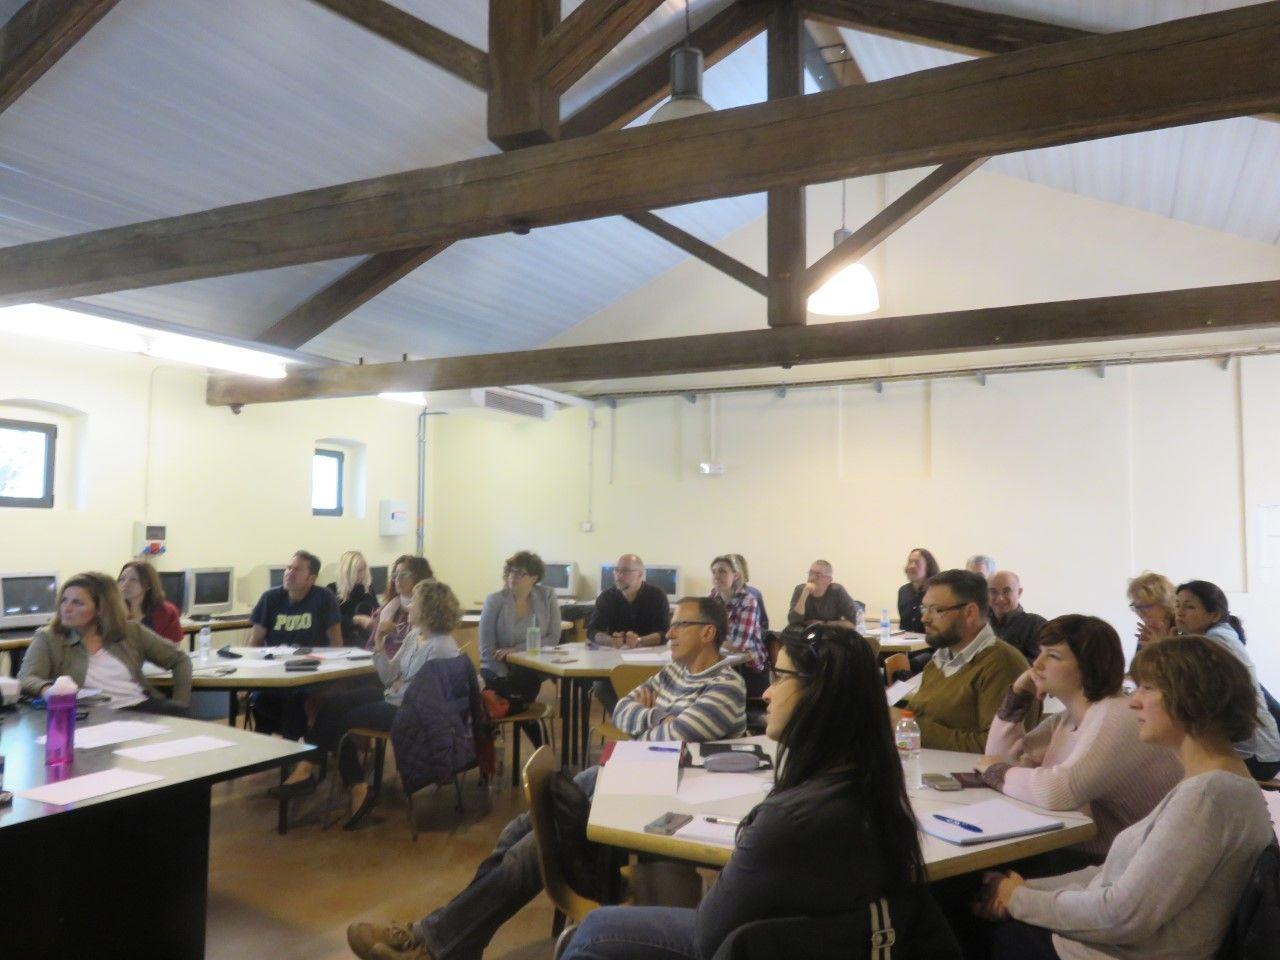 Un moment de la sessió dedicada a l'emprenedoria social celebrada a Barberà del Vallès